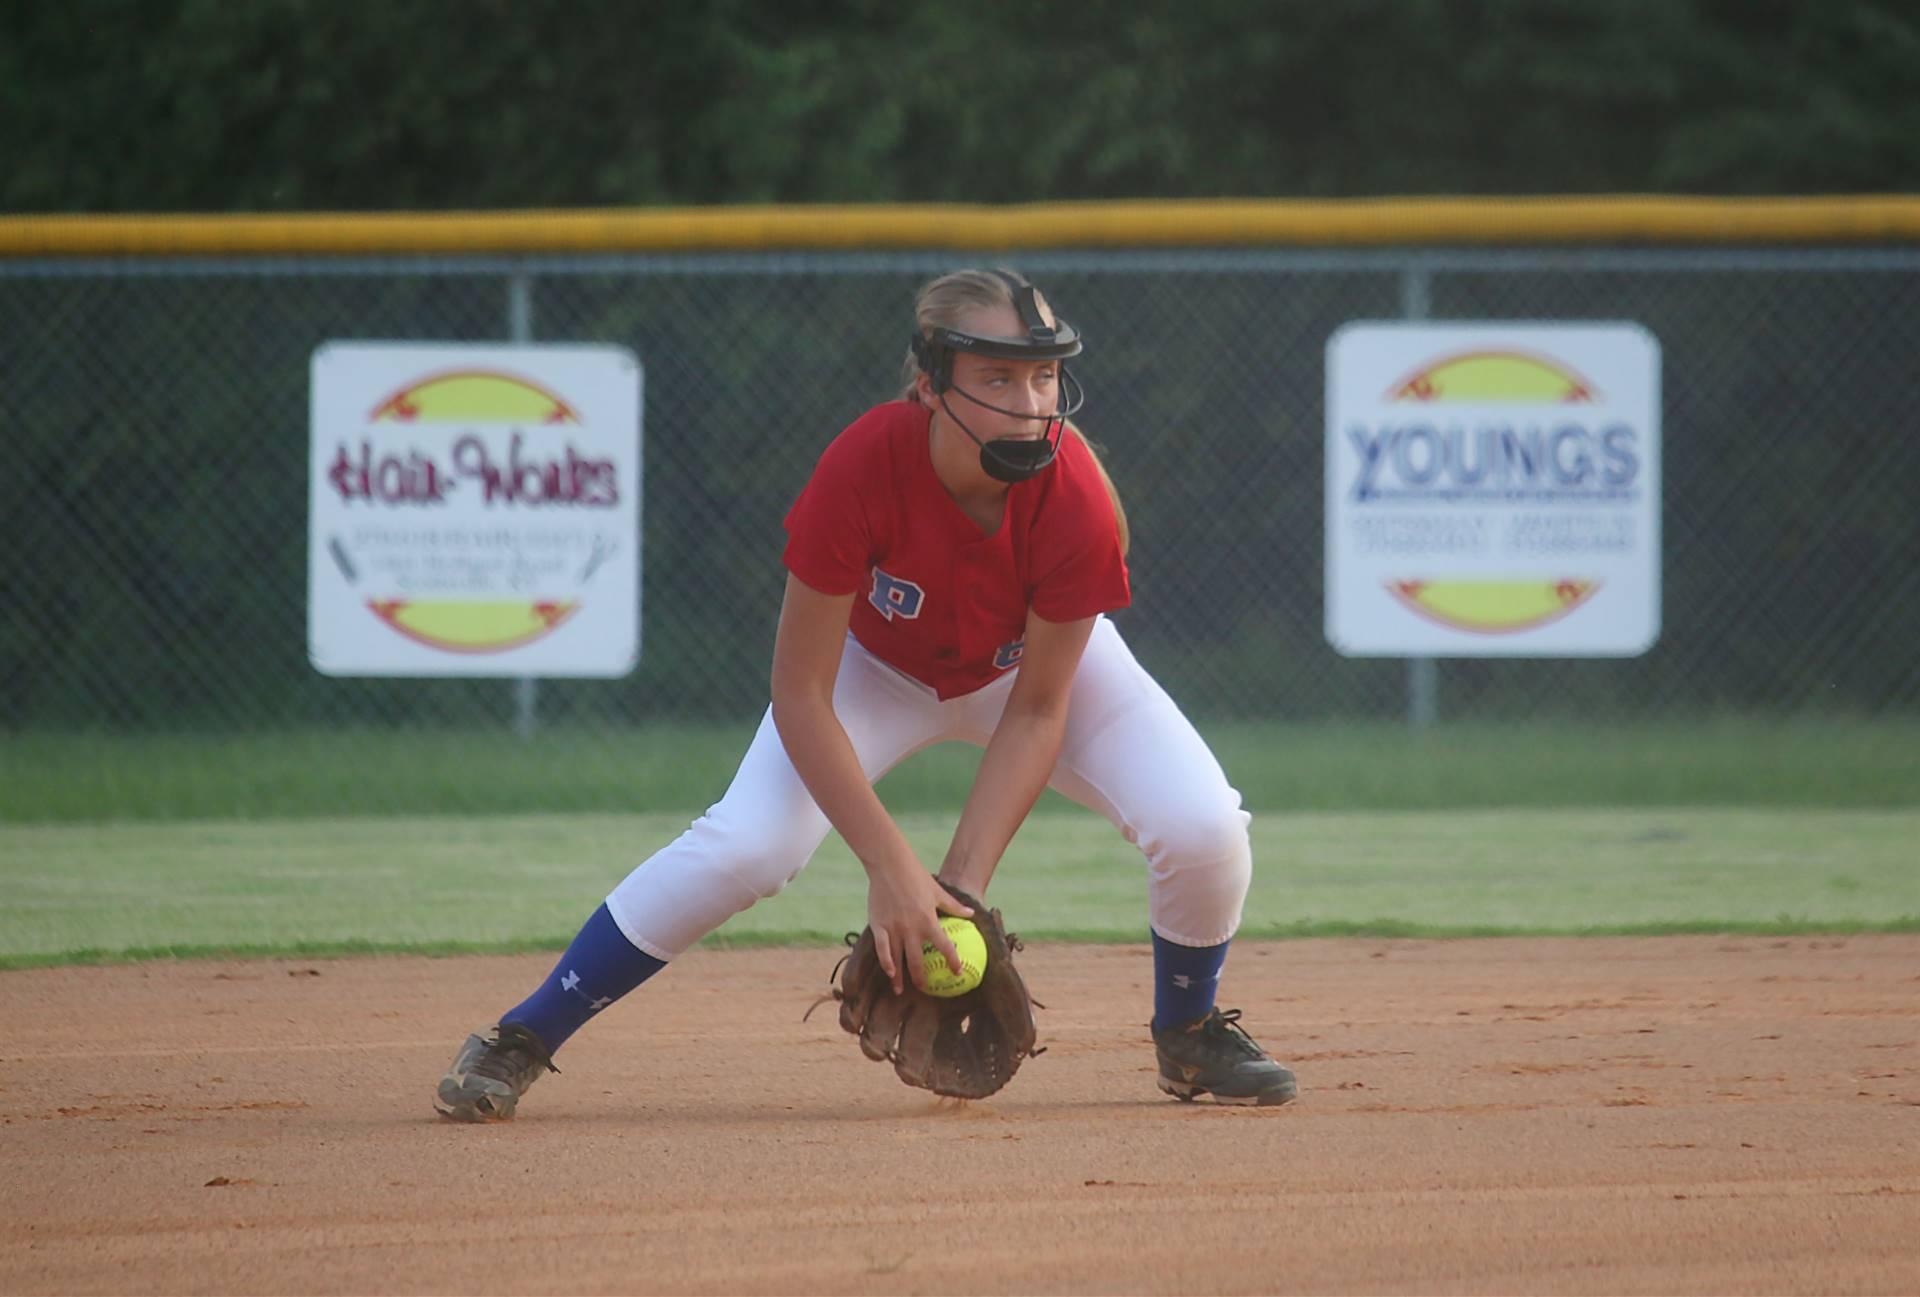 softball fielder